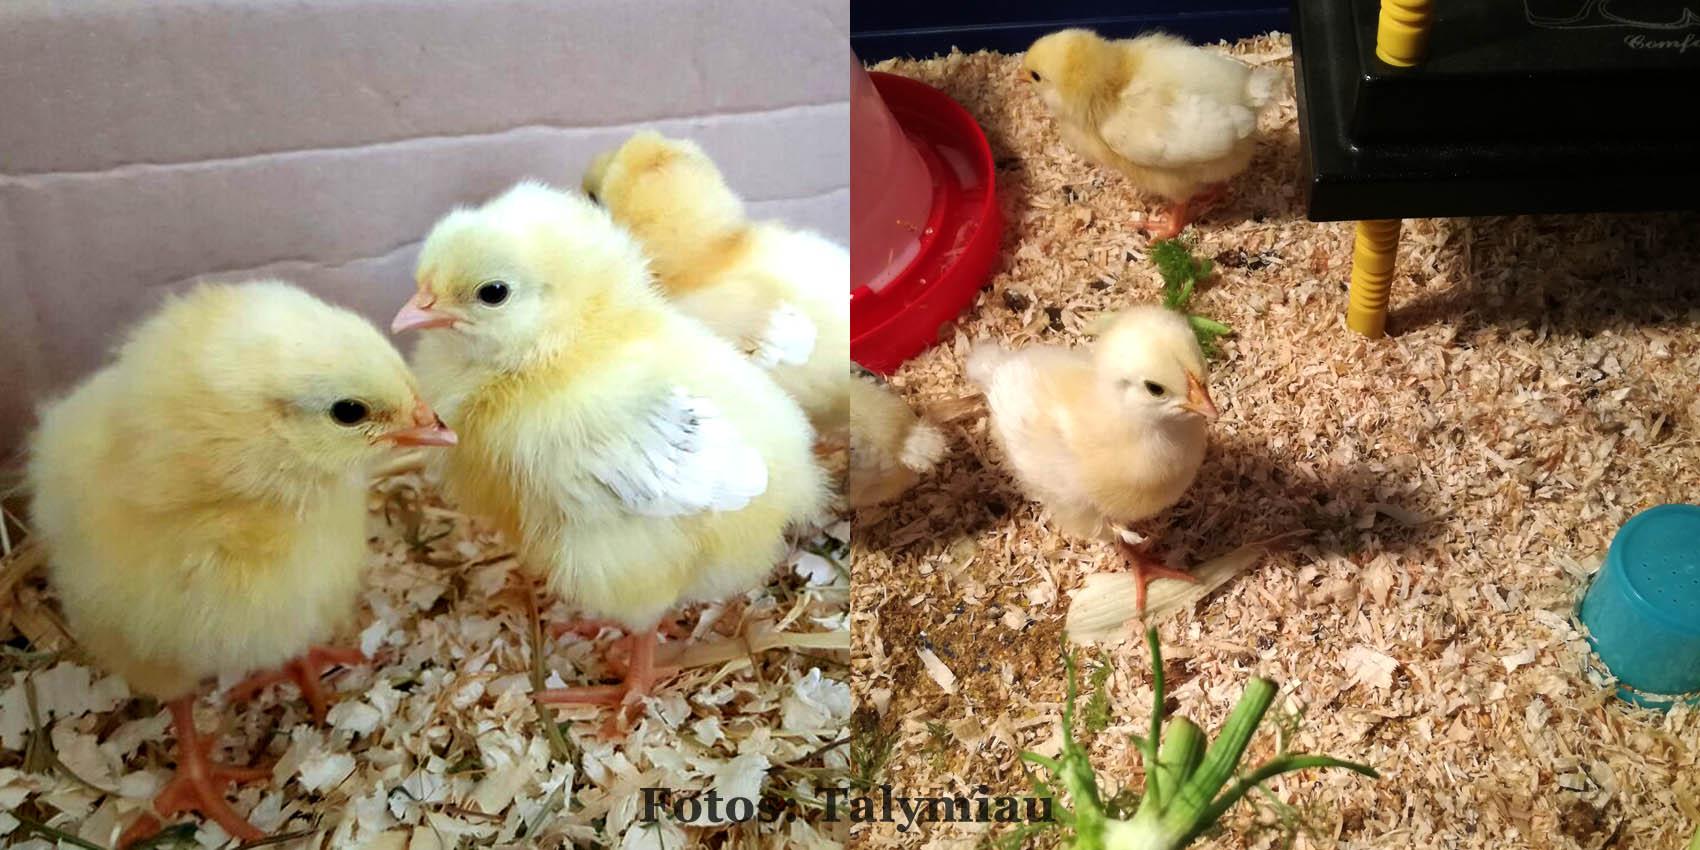 Hühnerküken flauschig & weich